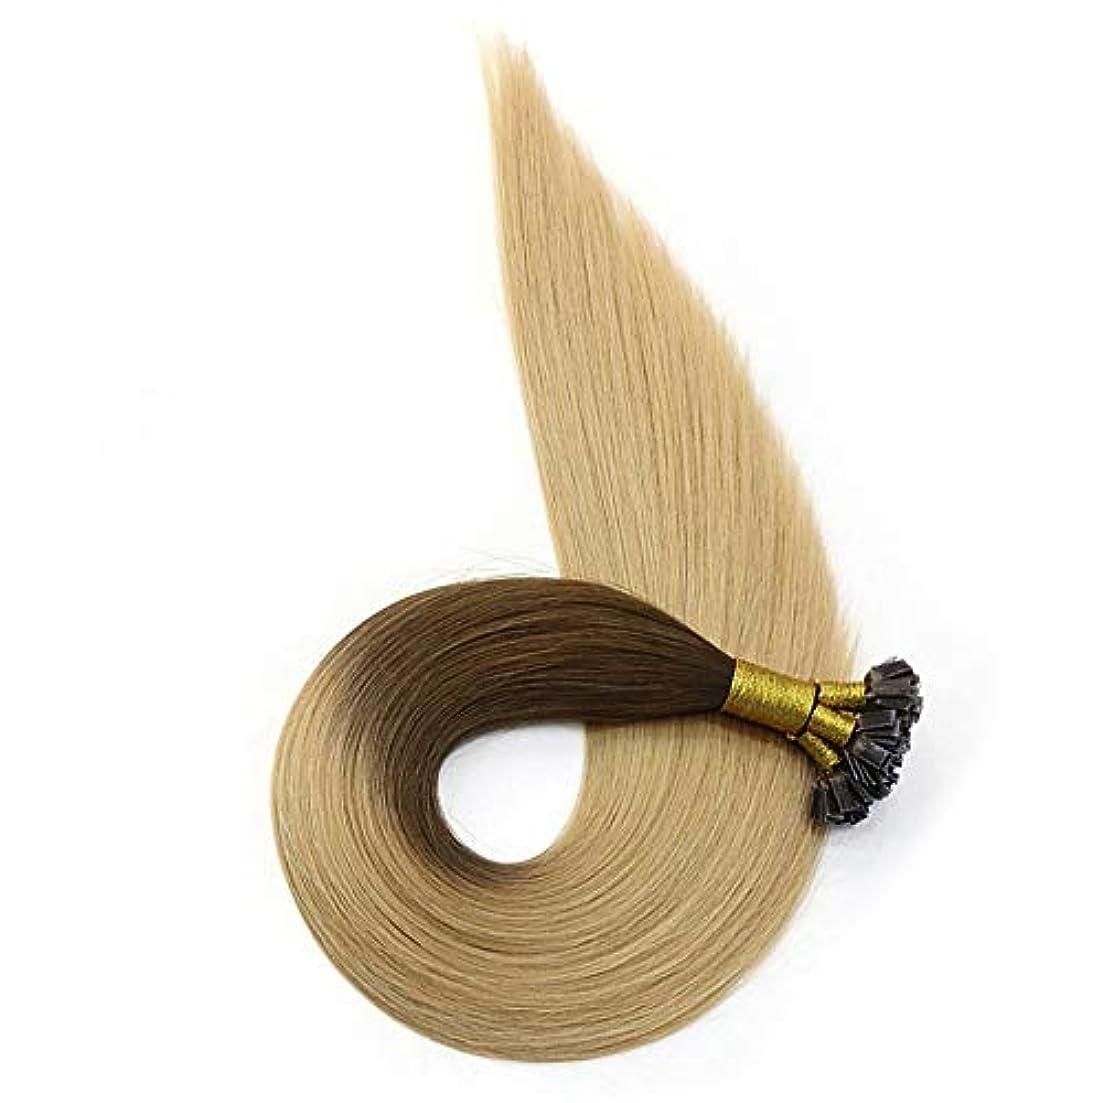 頬骨擬人今までWASAIO シームレスな髪型の交換人間の髪グルーミーブラウンブリーチブロンド着色リングでハイライトヘアエクステンションクリップ (色 : Blonde, サイズ : 18 inch)